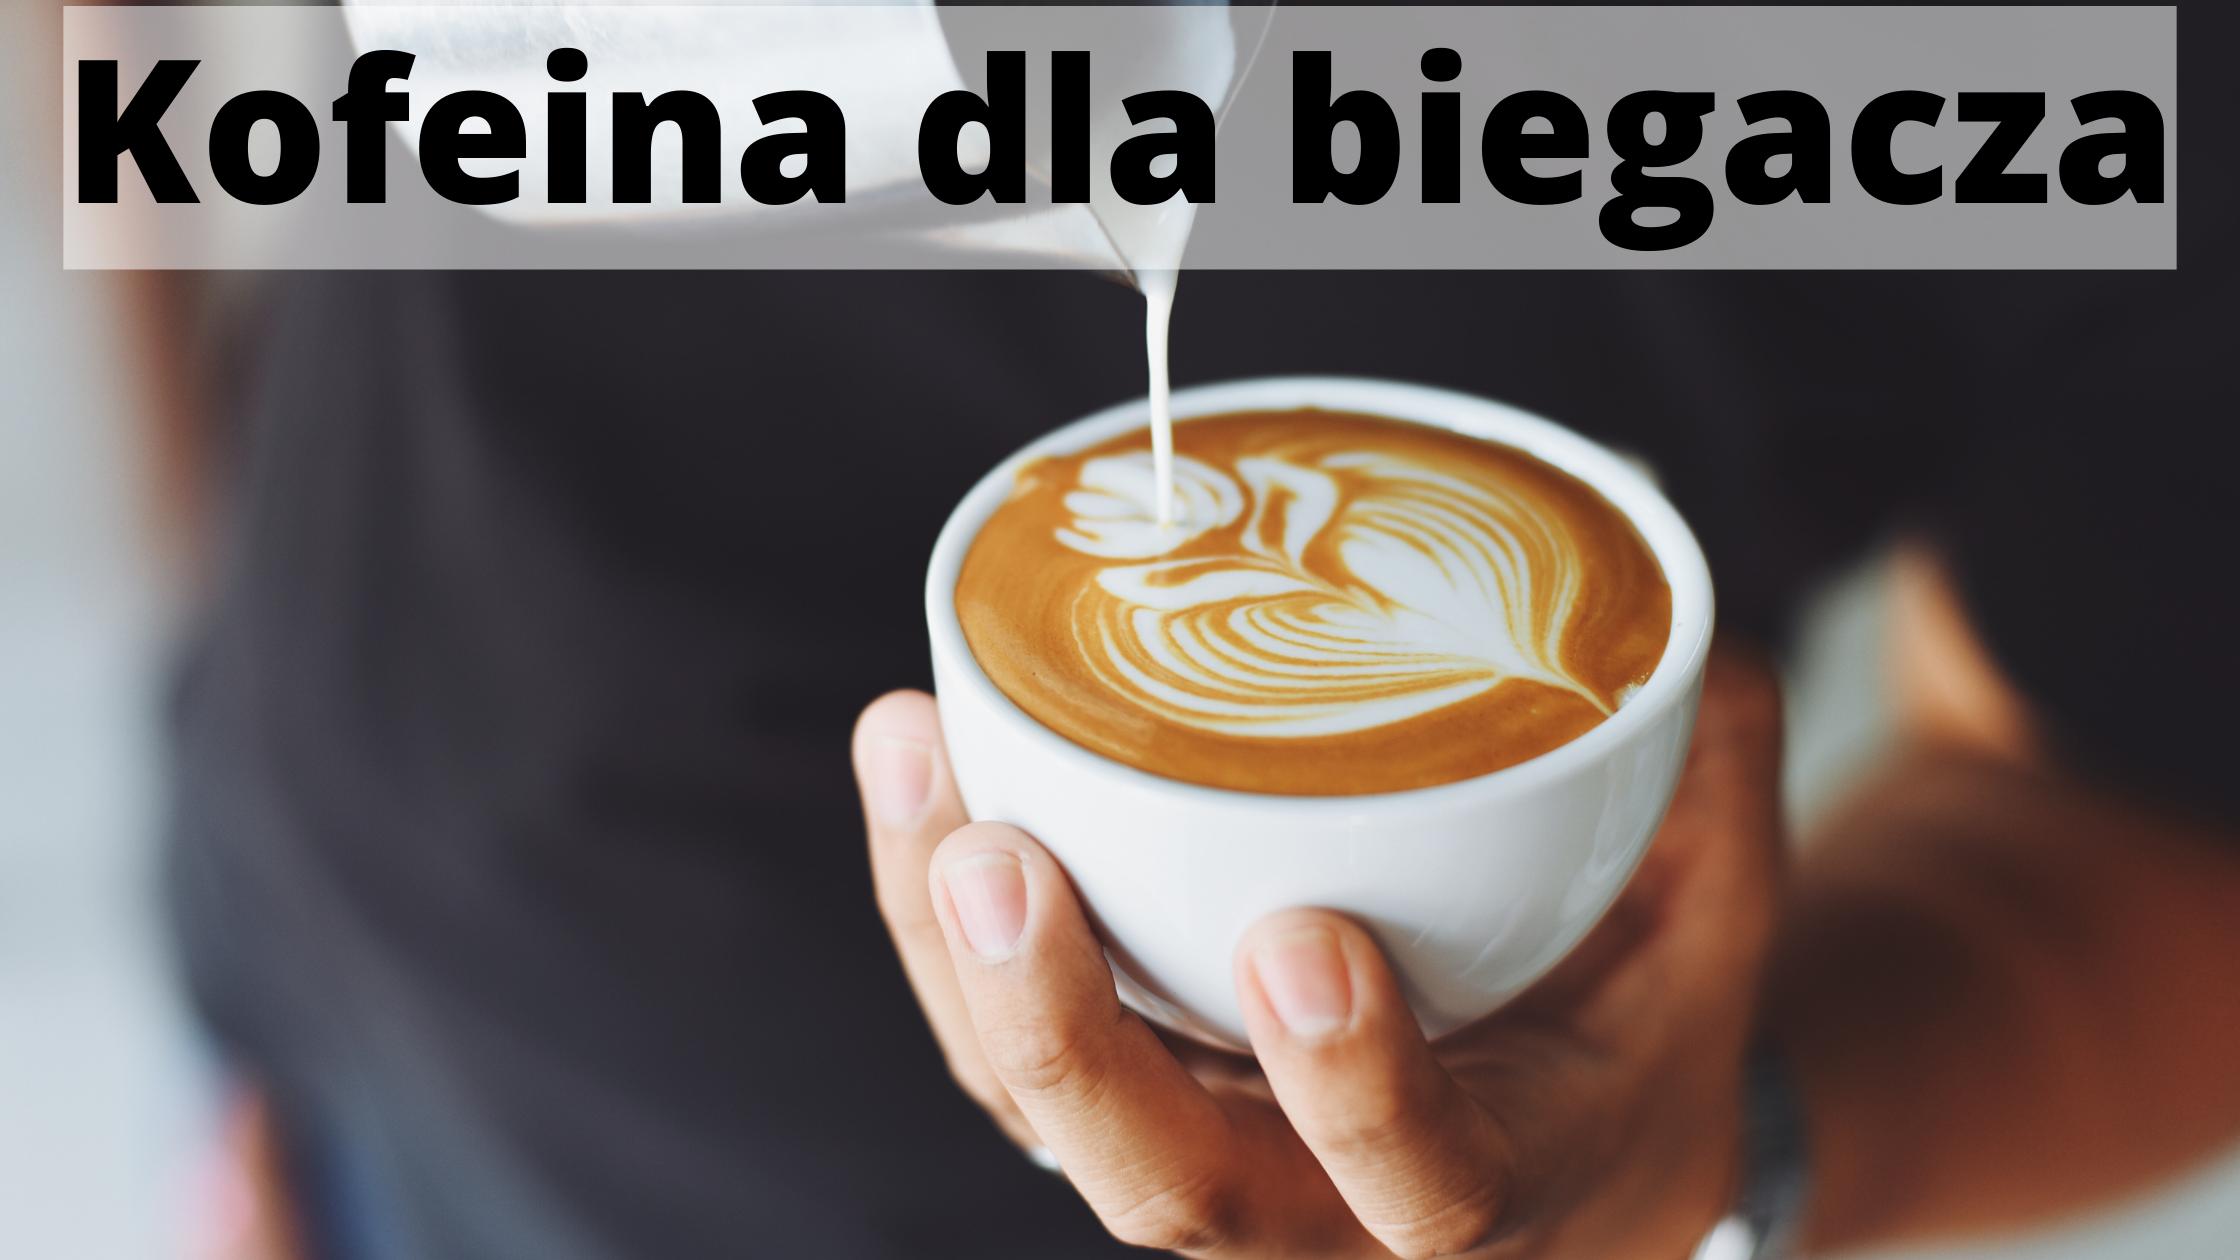 Kofeina dla biegacza